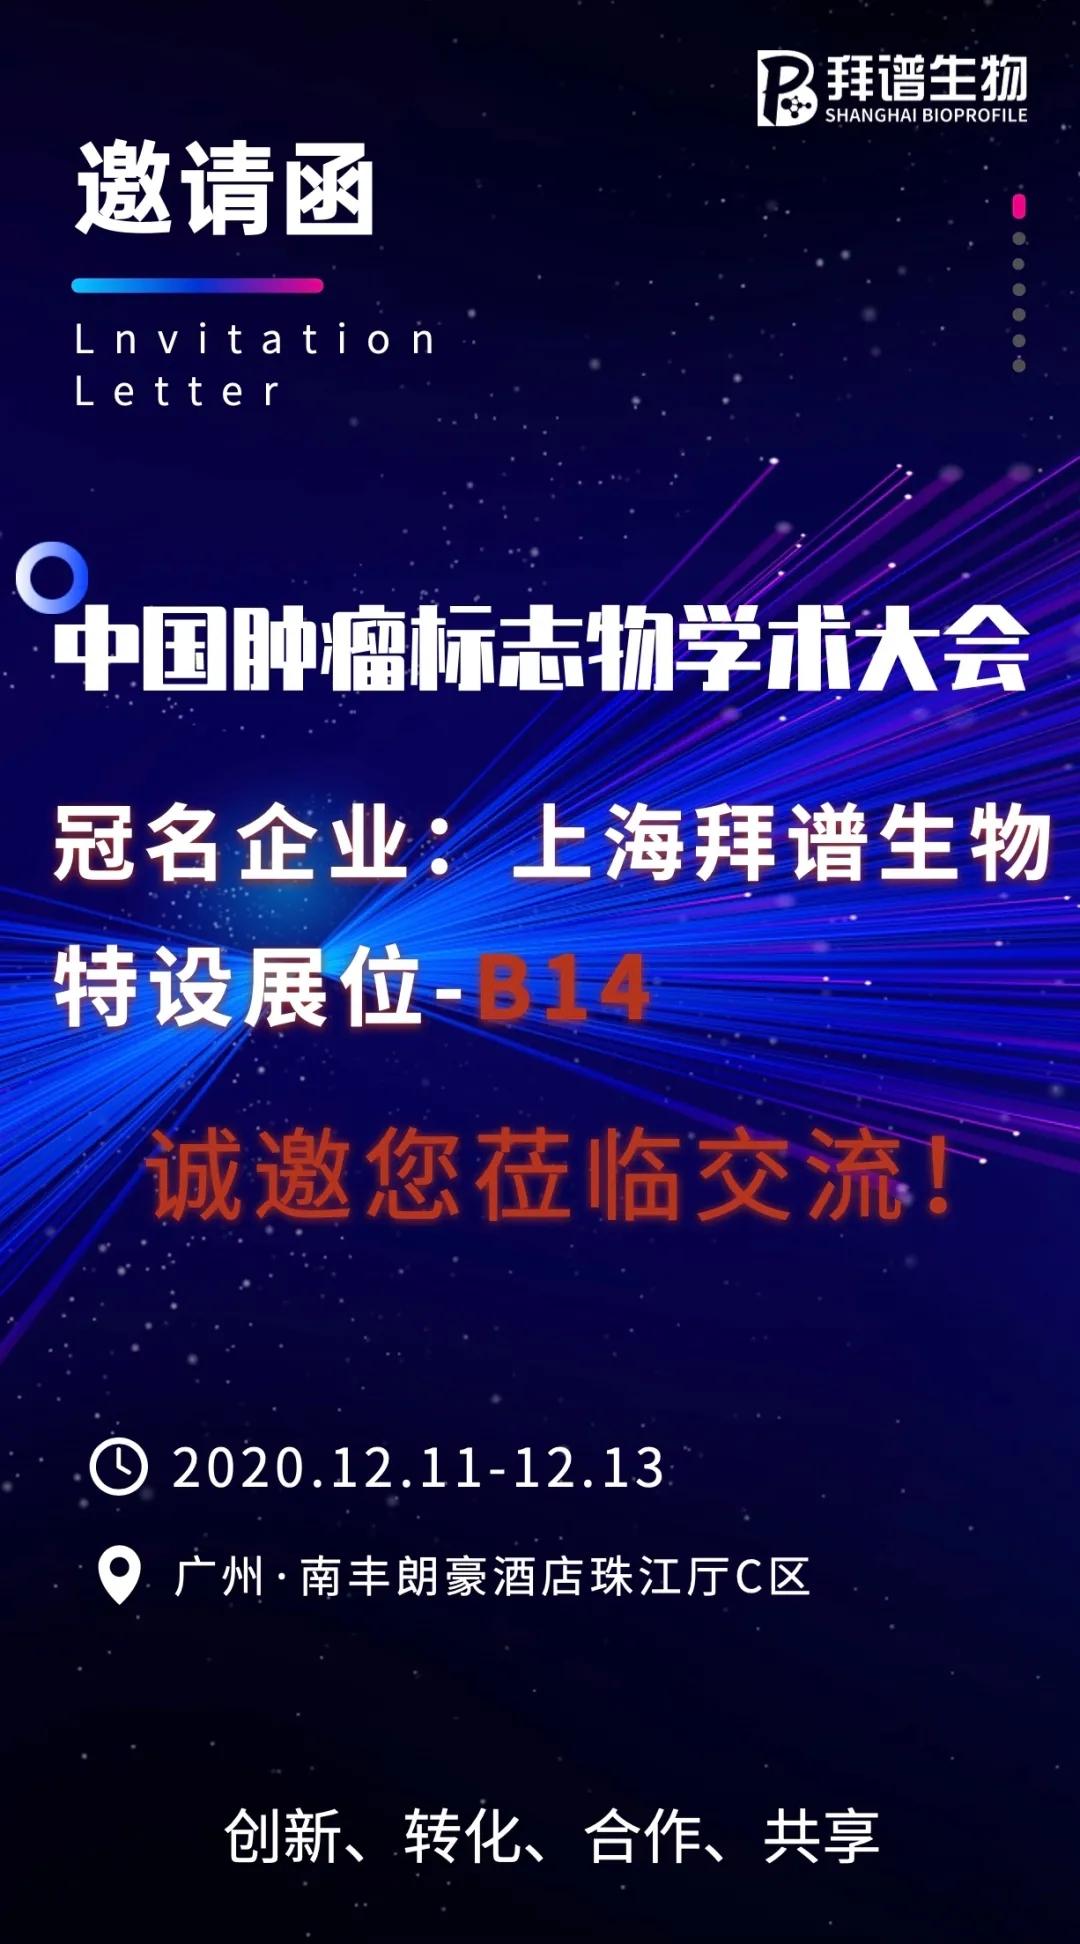 12月12日·预见,拜谱冠名主题论坛,专家现场报告期待您的莅临